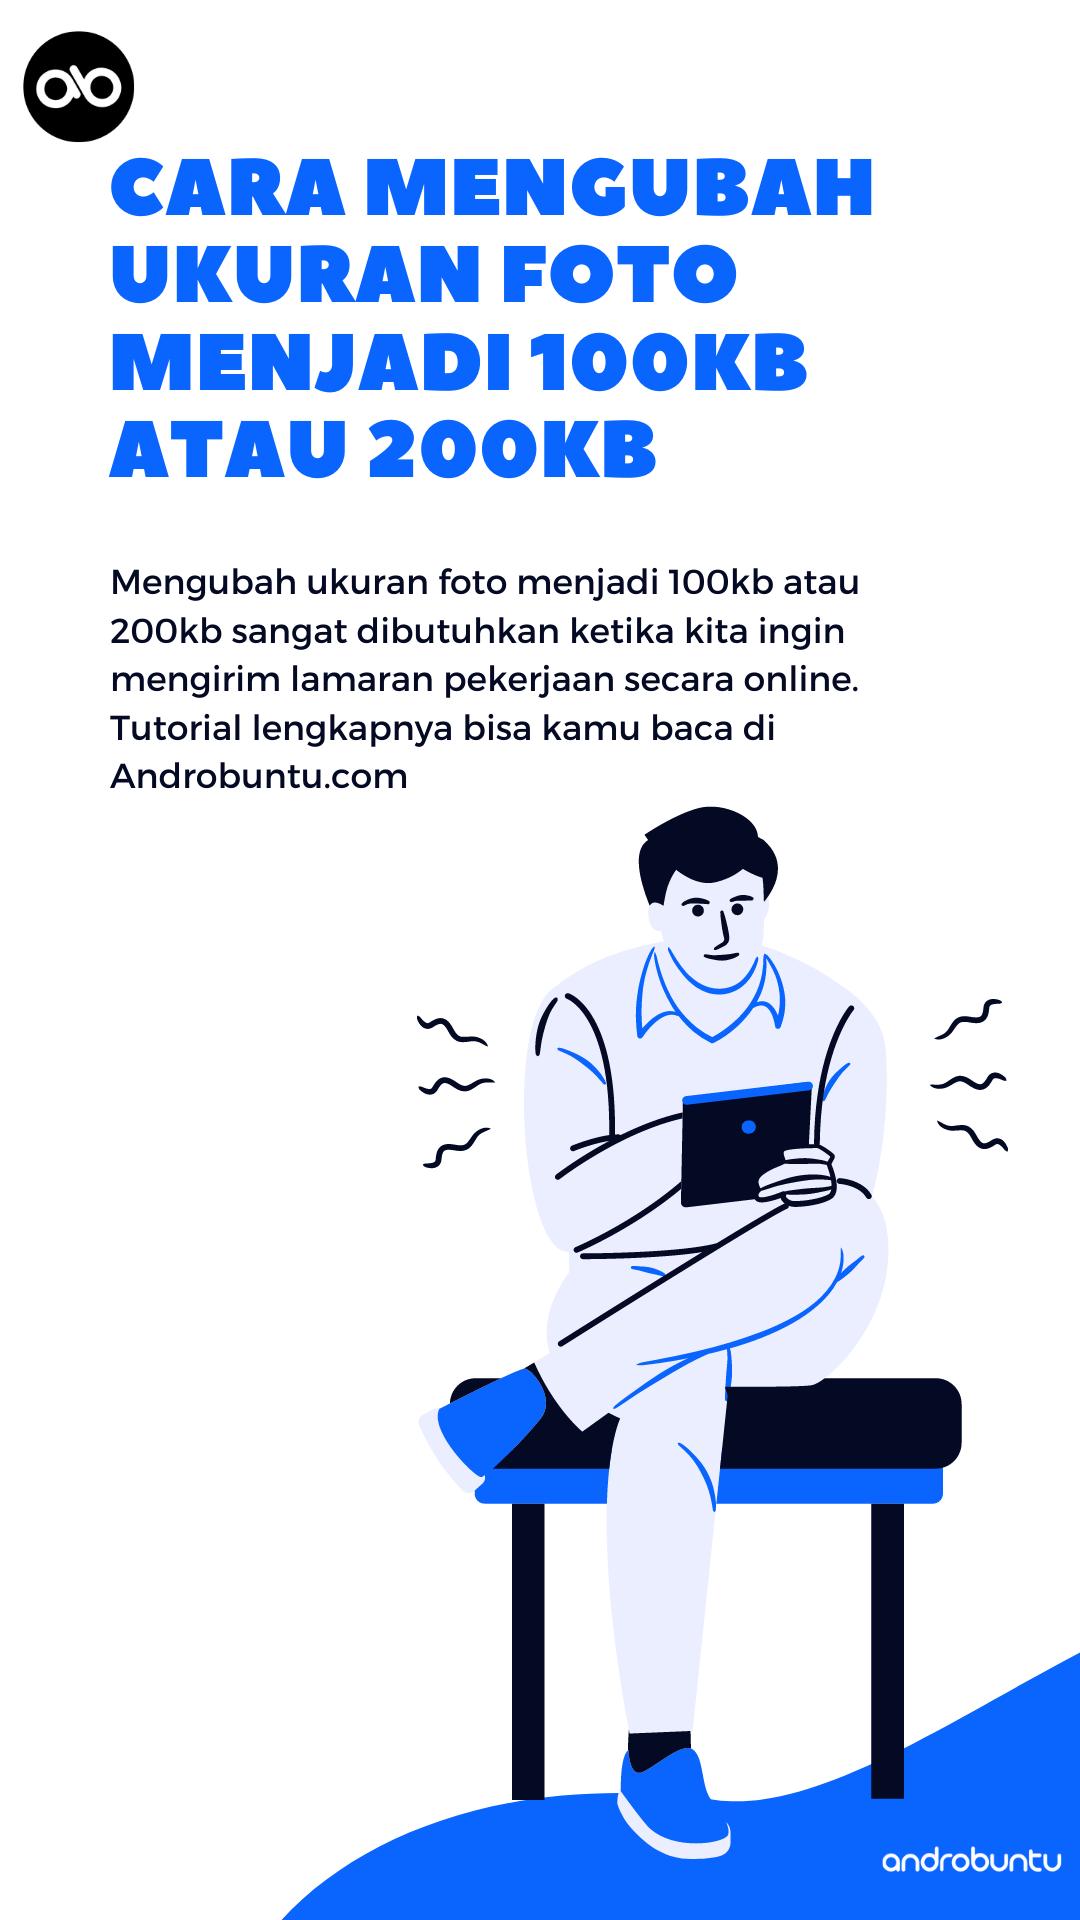 Cara Mengubah Ukuran Foto Menjadi 100kb 200kb Online Pengukur Membaca Buku